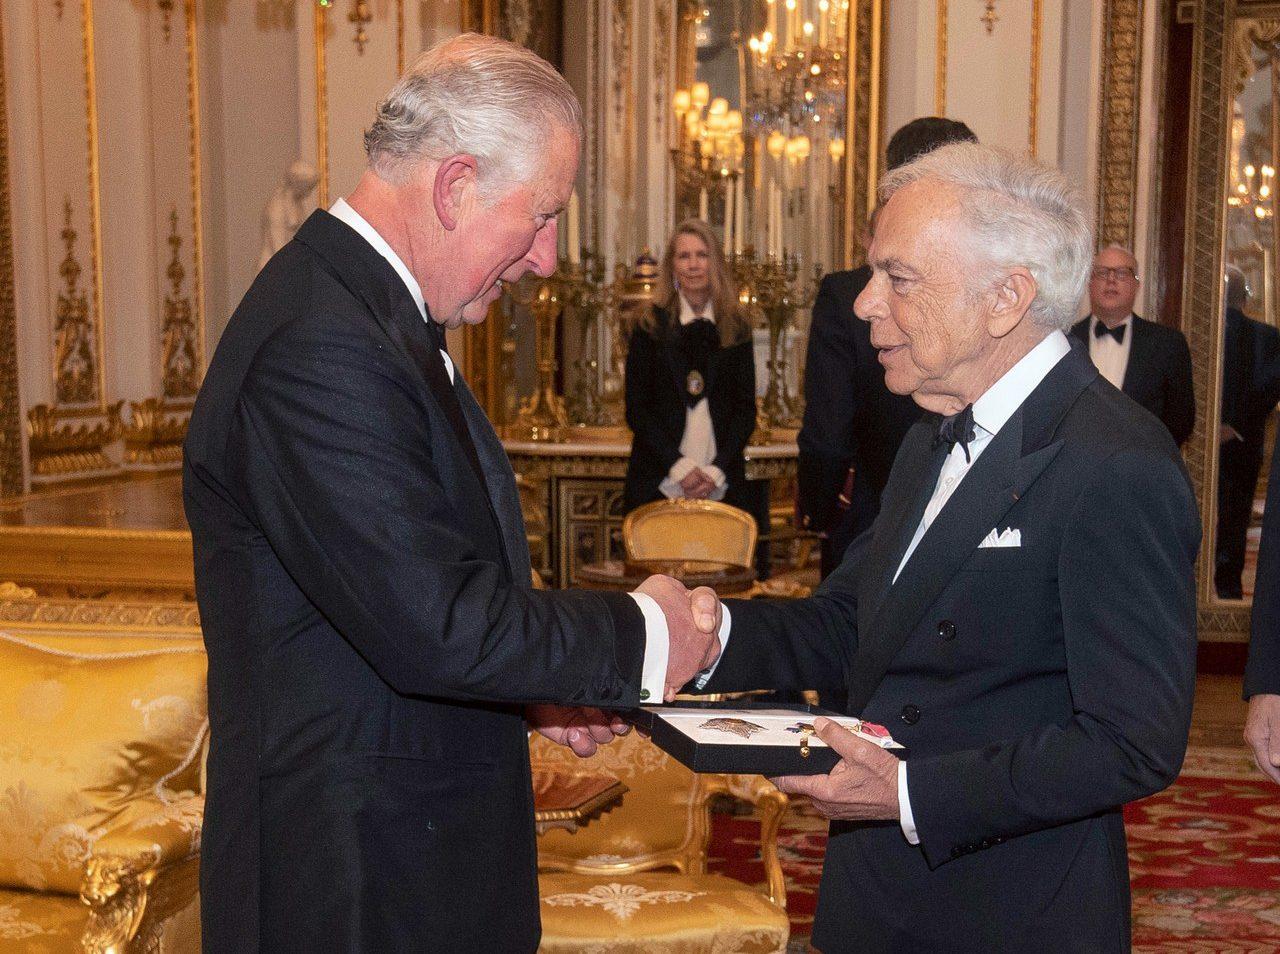 Ralph Lauren shaking hands